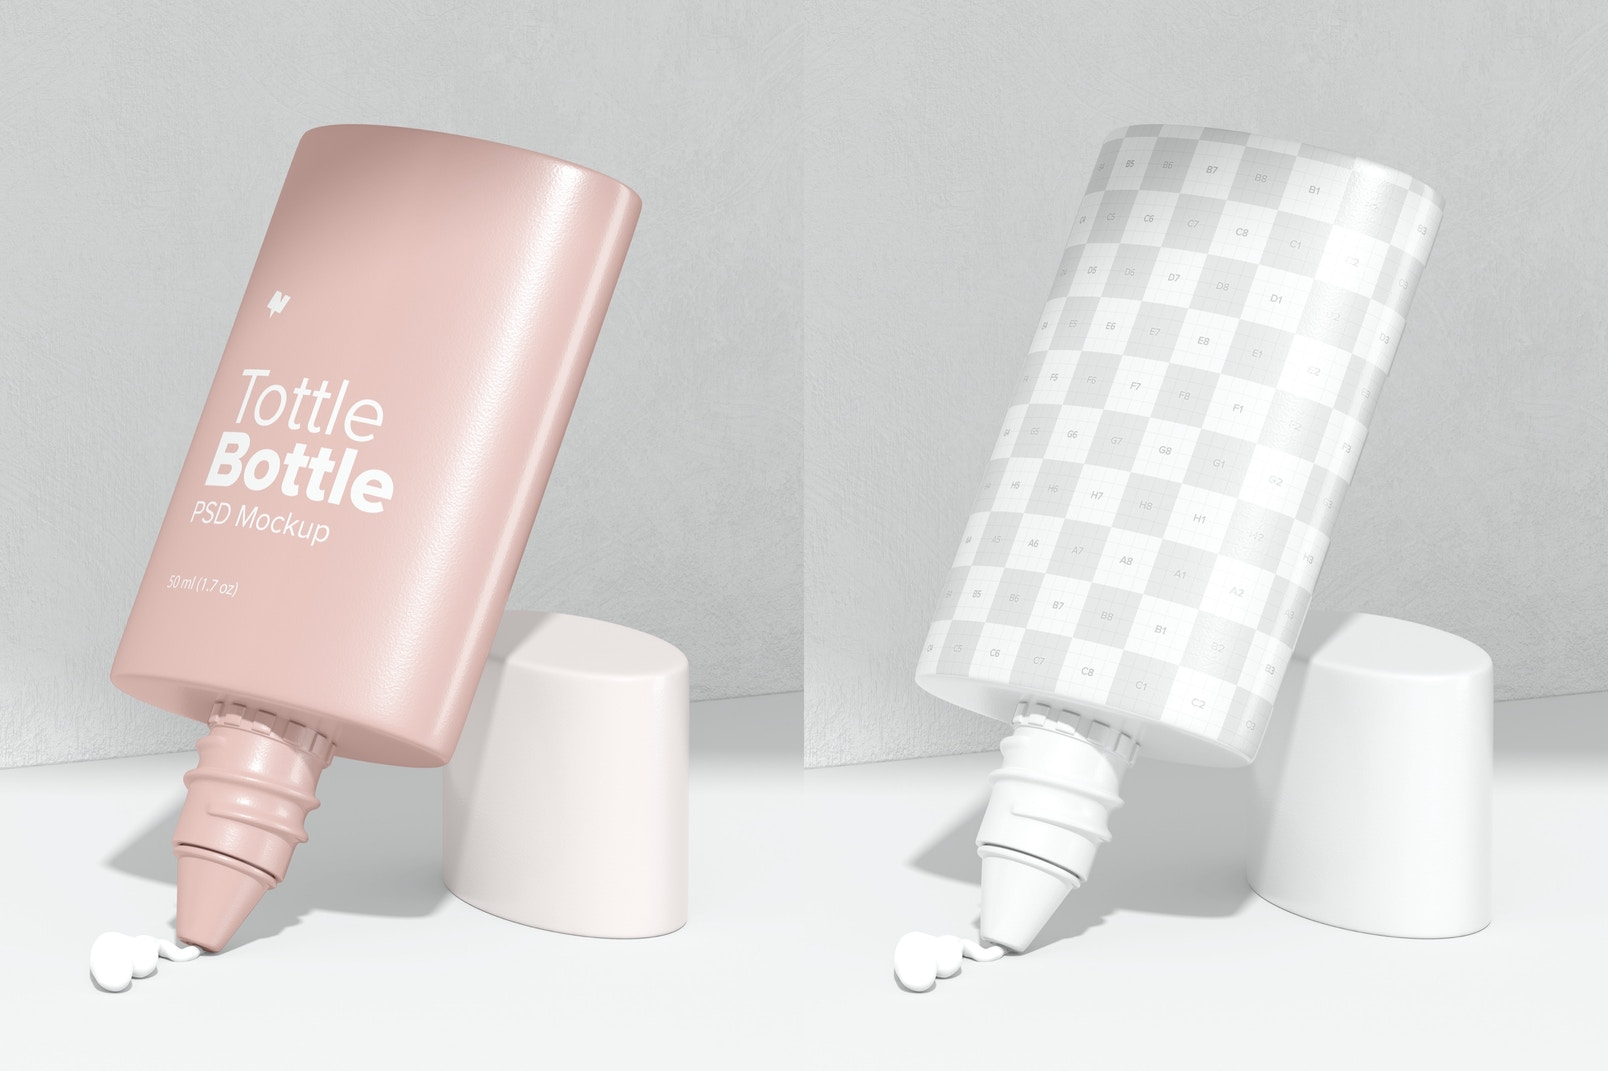 Tottle Bottle Mockup, Opened